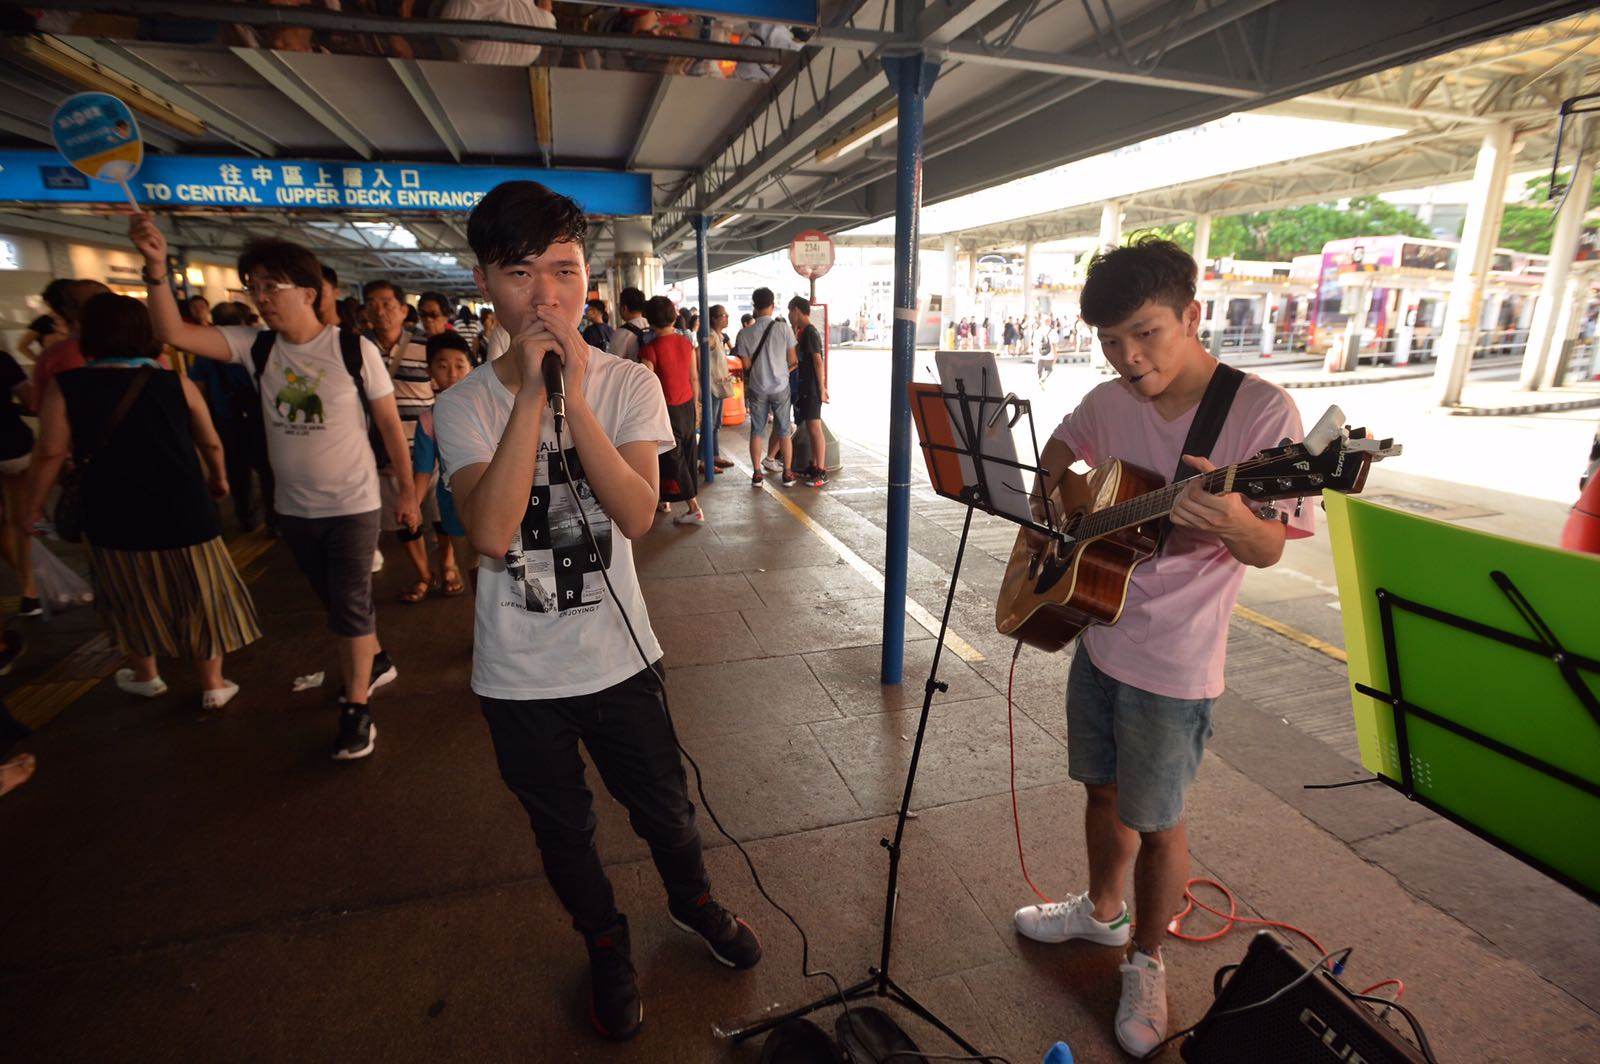 商戶稱,平時周末有年輕表演者玩音樂,若他們太大聲亦較有商有量。黃賢創攝